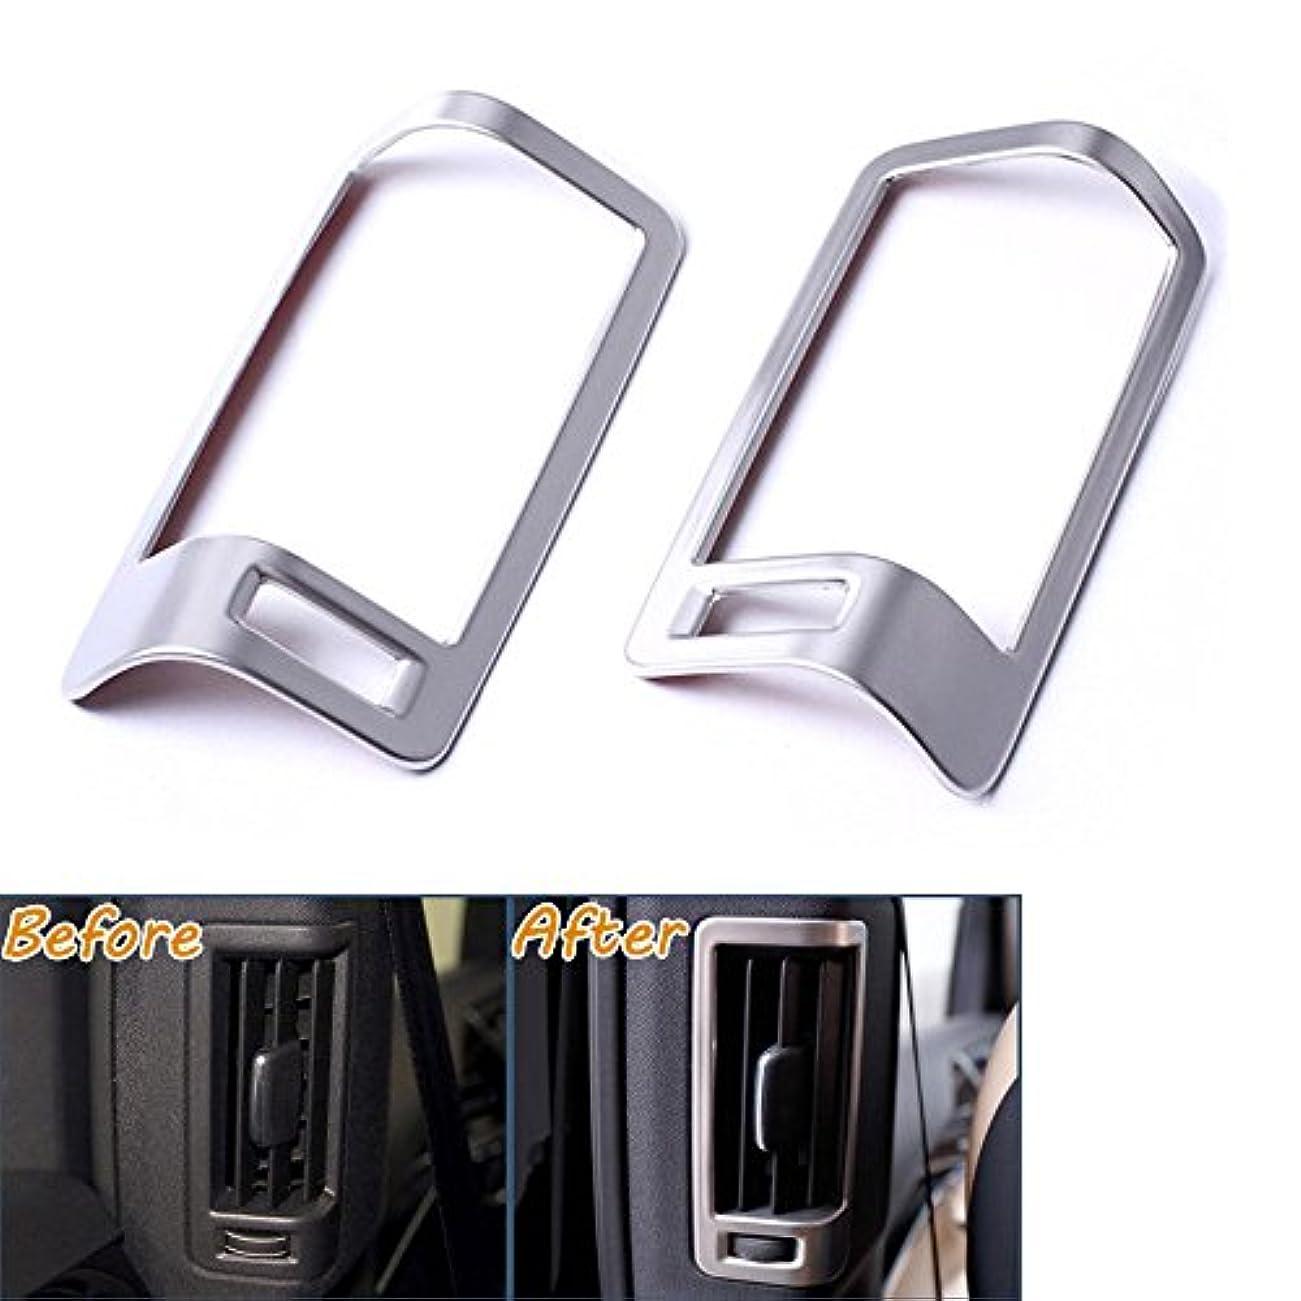 機動サンプルへこみJicorzo - 2Pcs B Pillar AC Vent Outlet Frame Moulding Cover Trims Stainless Fit For 2016 VOLVO XC90